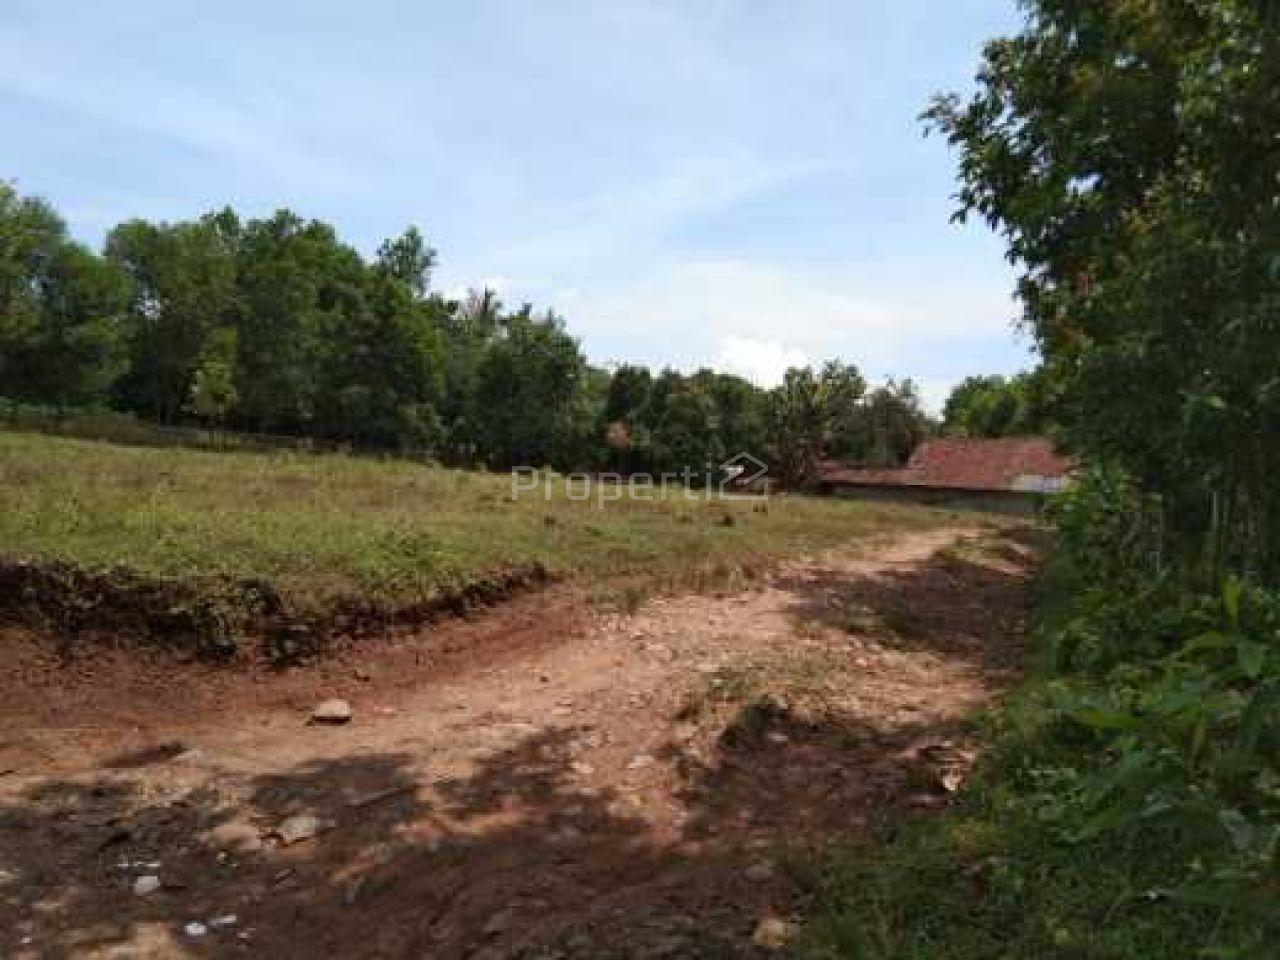 Lahan untuk Perumahan Hanya 2 Km dari Stasiun Daru, Kab. Tangerang